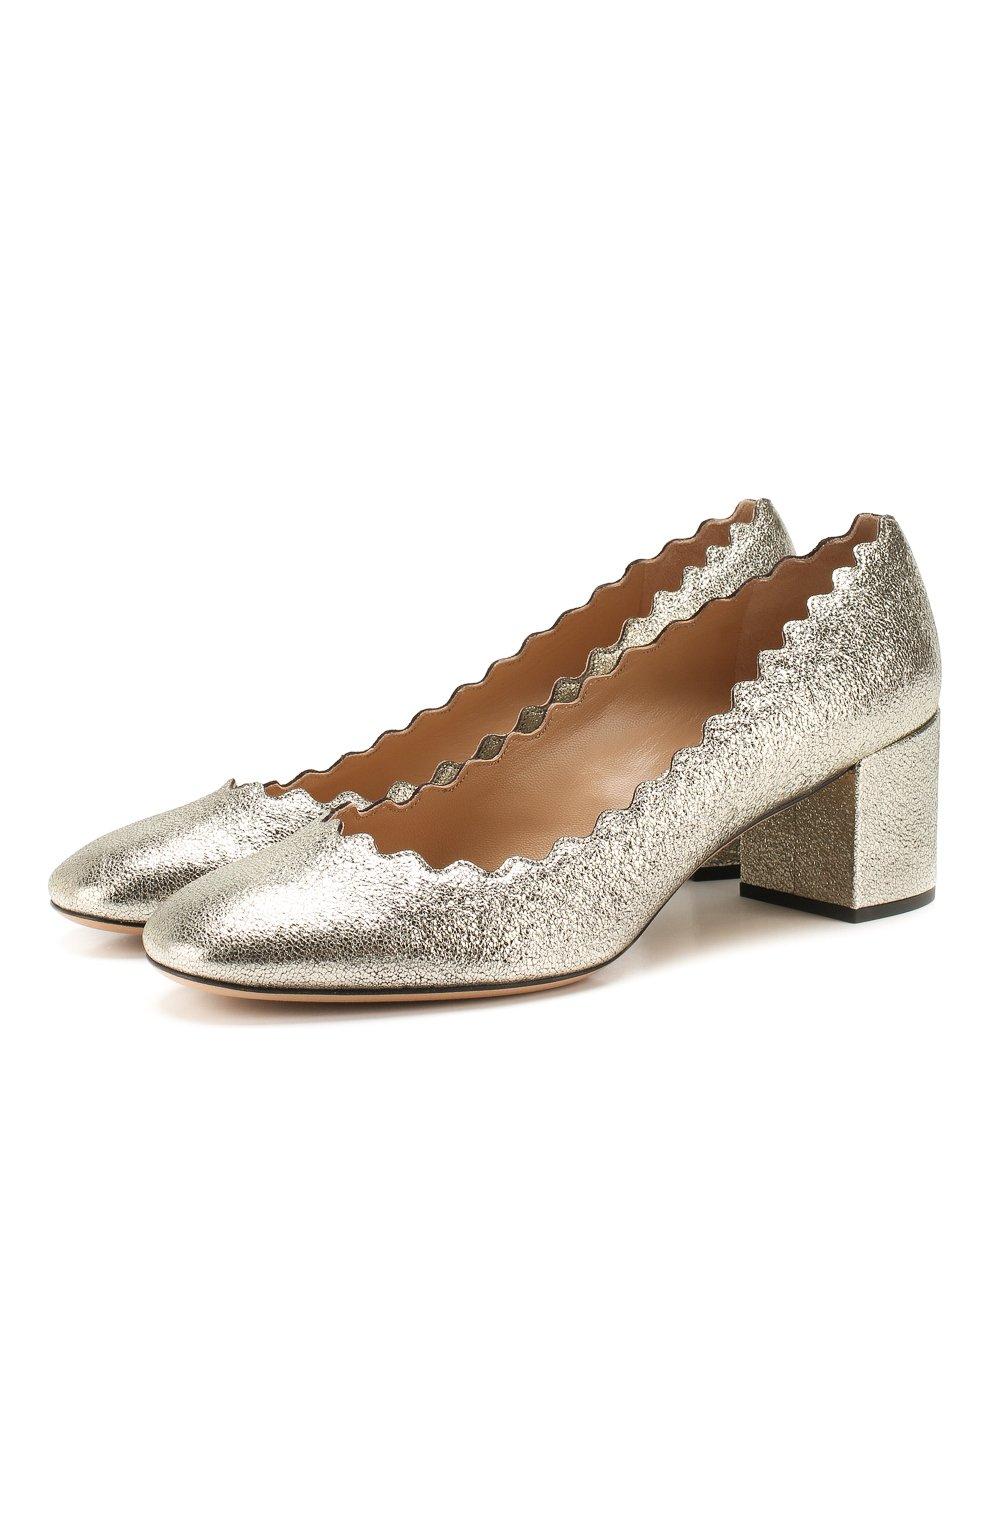 Туфли Lauren из металлизированной кожи с фигурным вырезом | Фото №1